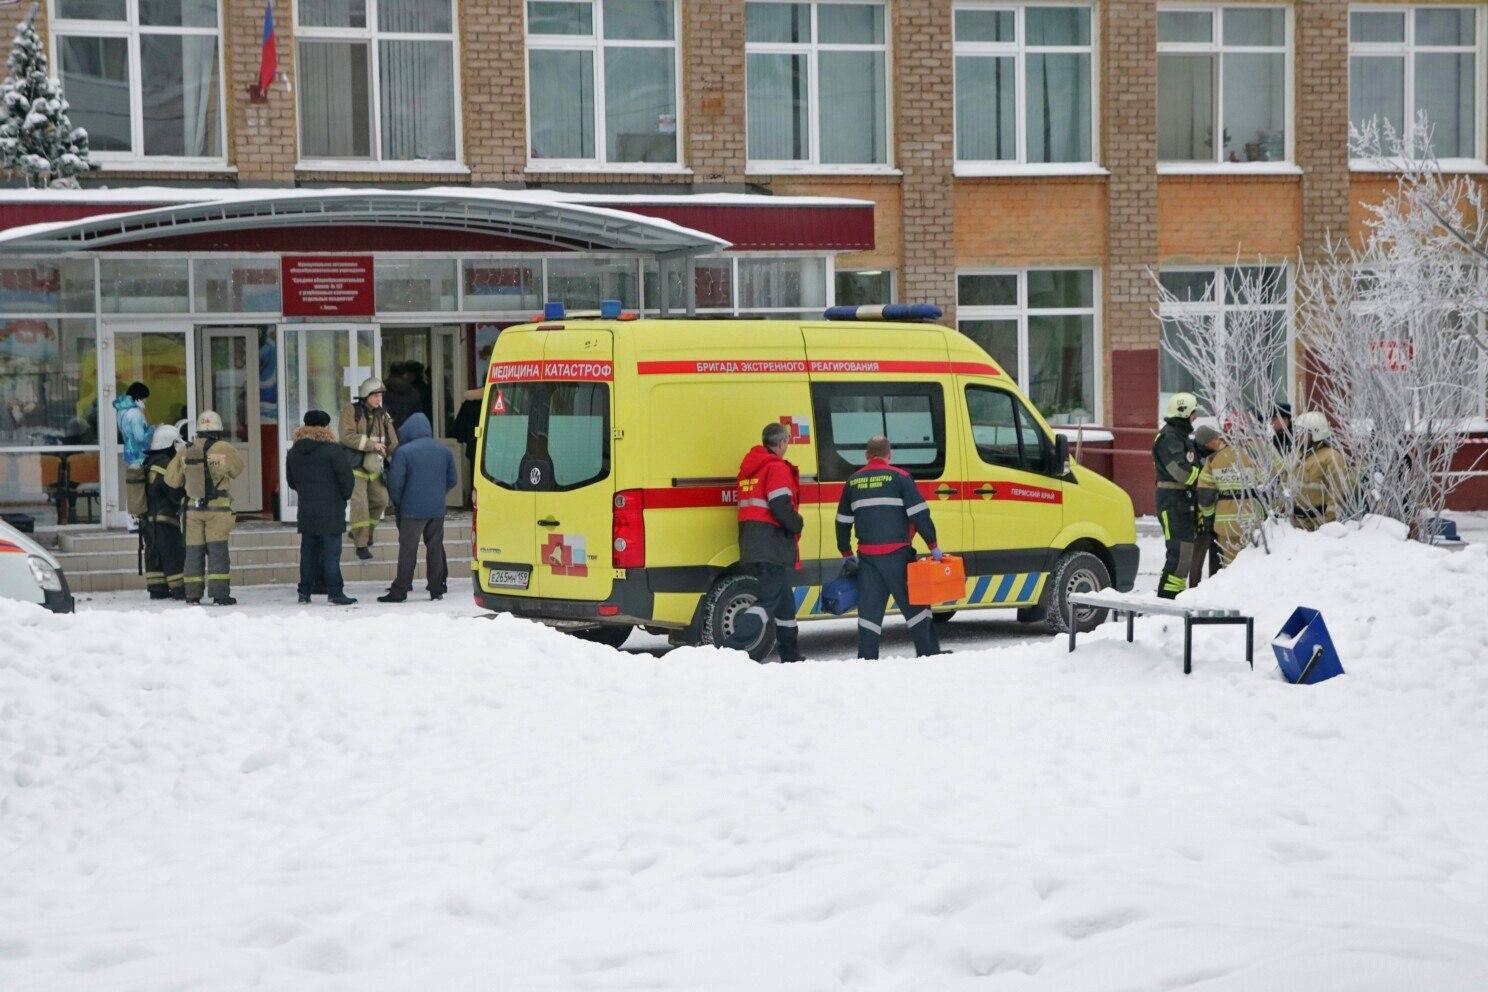 Vuit menors d'edat i una professora, ferits per arma blanca en un centre educatiu de Rússia. Dos homes emmascarats han estat detinguts per la policia. /EFE